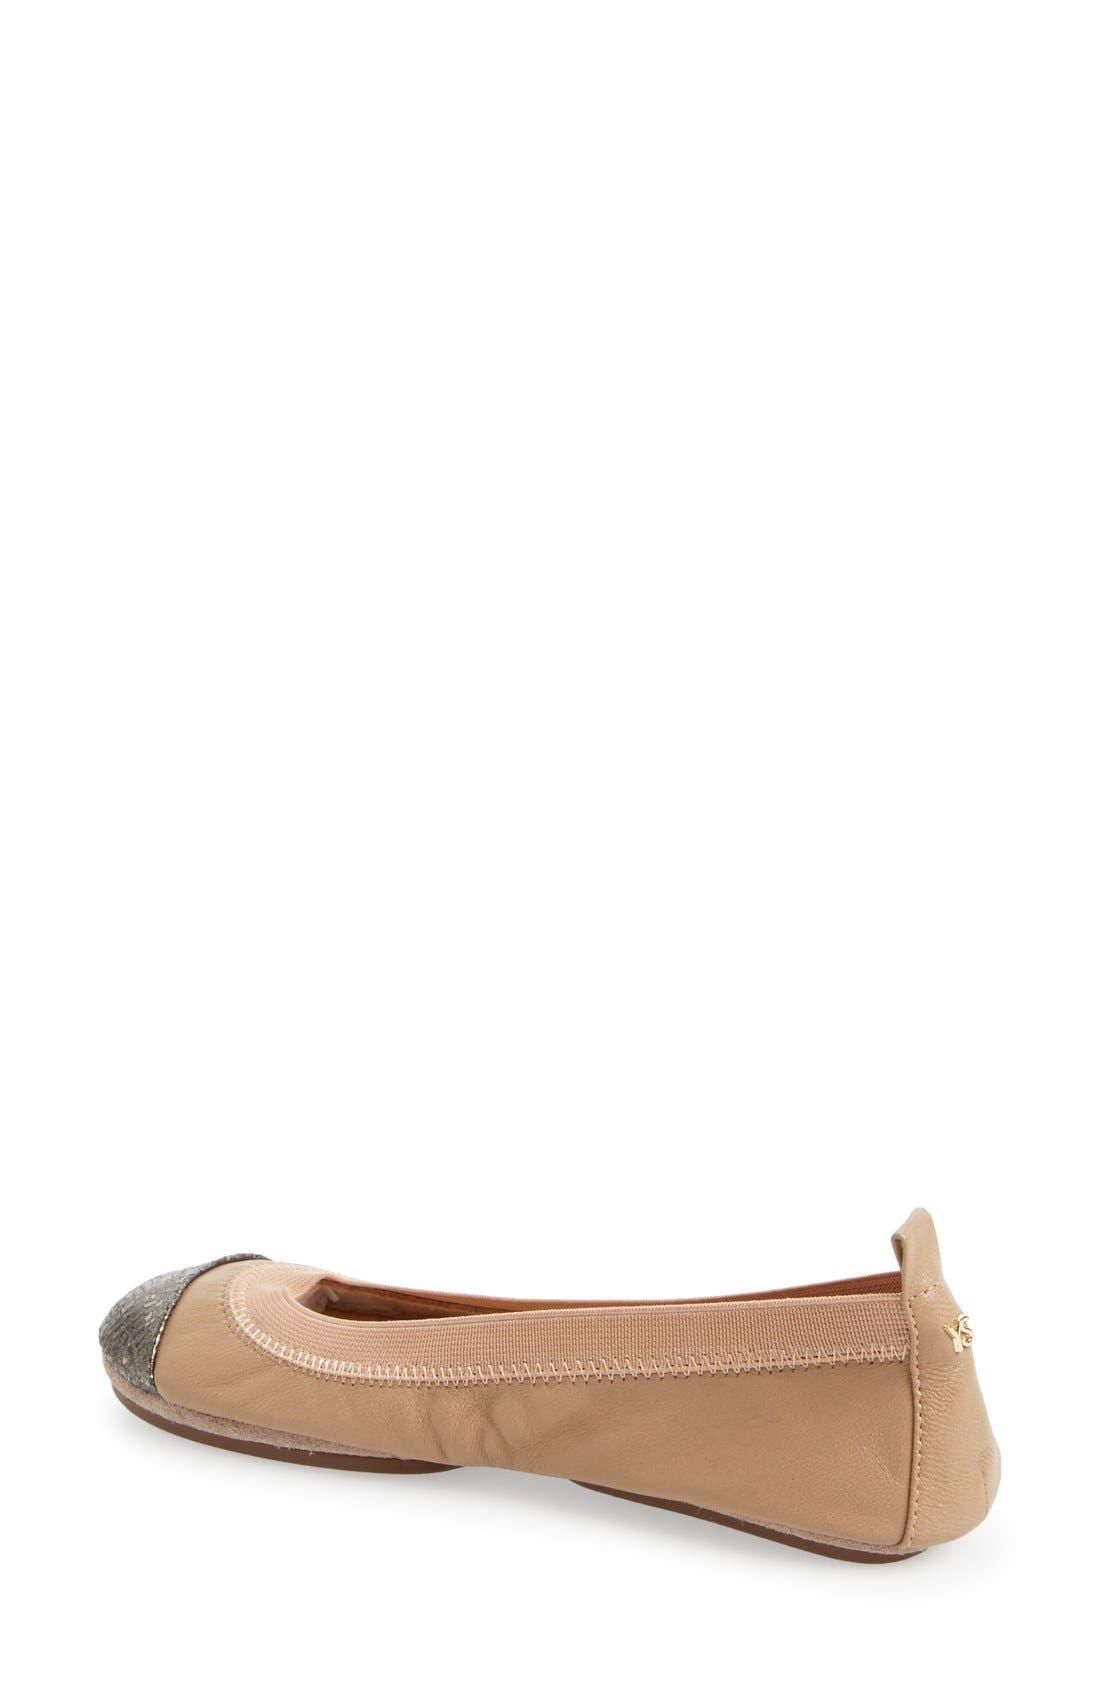 Alternate Image 2  - Yosi Samra 'Samantha' Foldable Ballet Flat (Women)